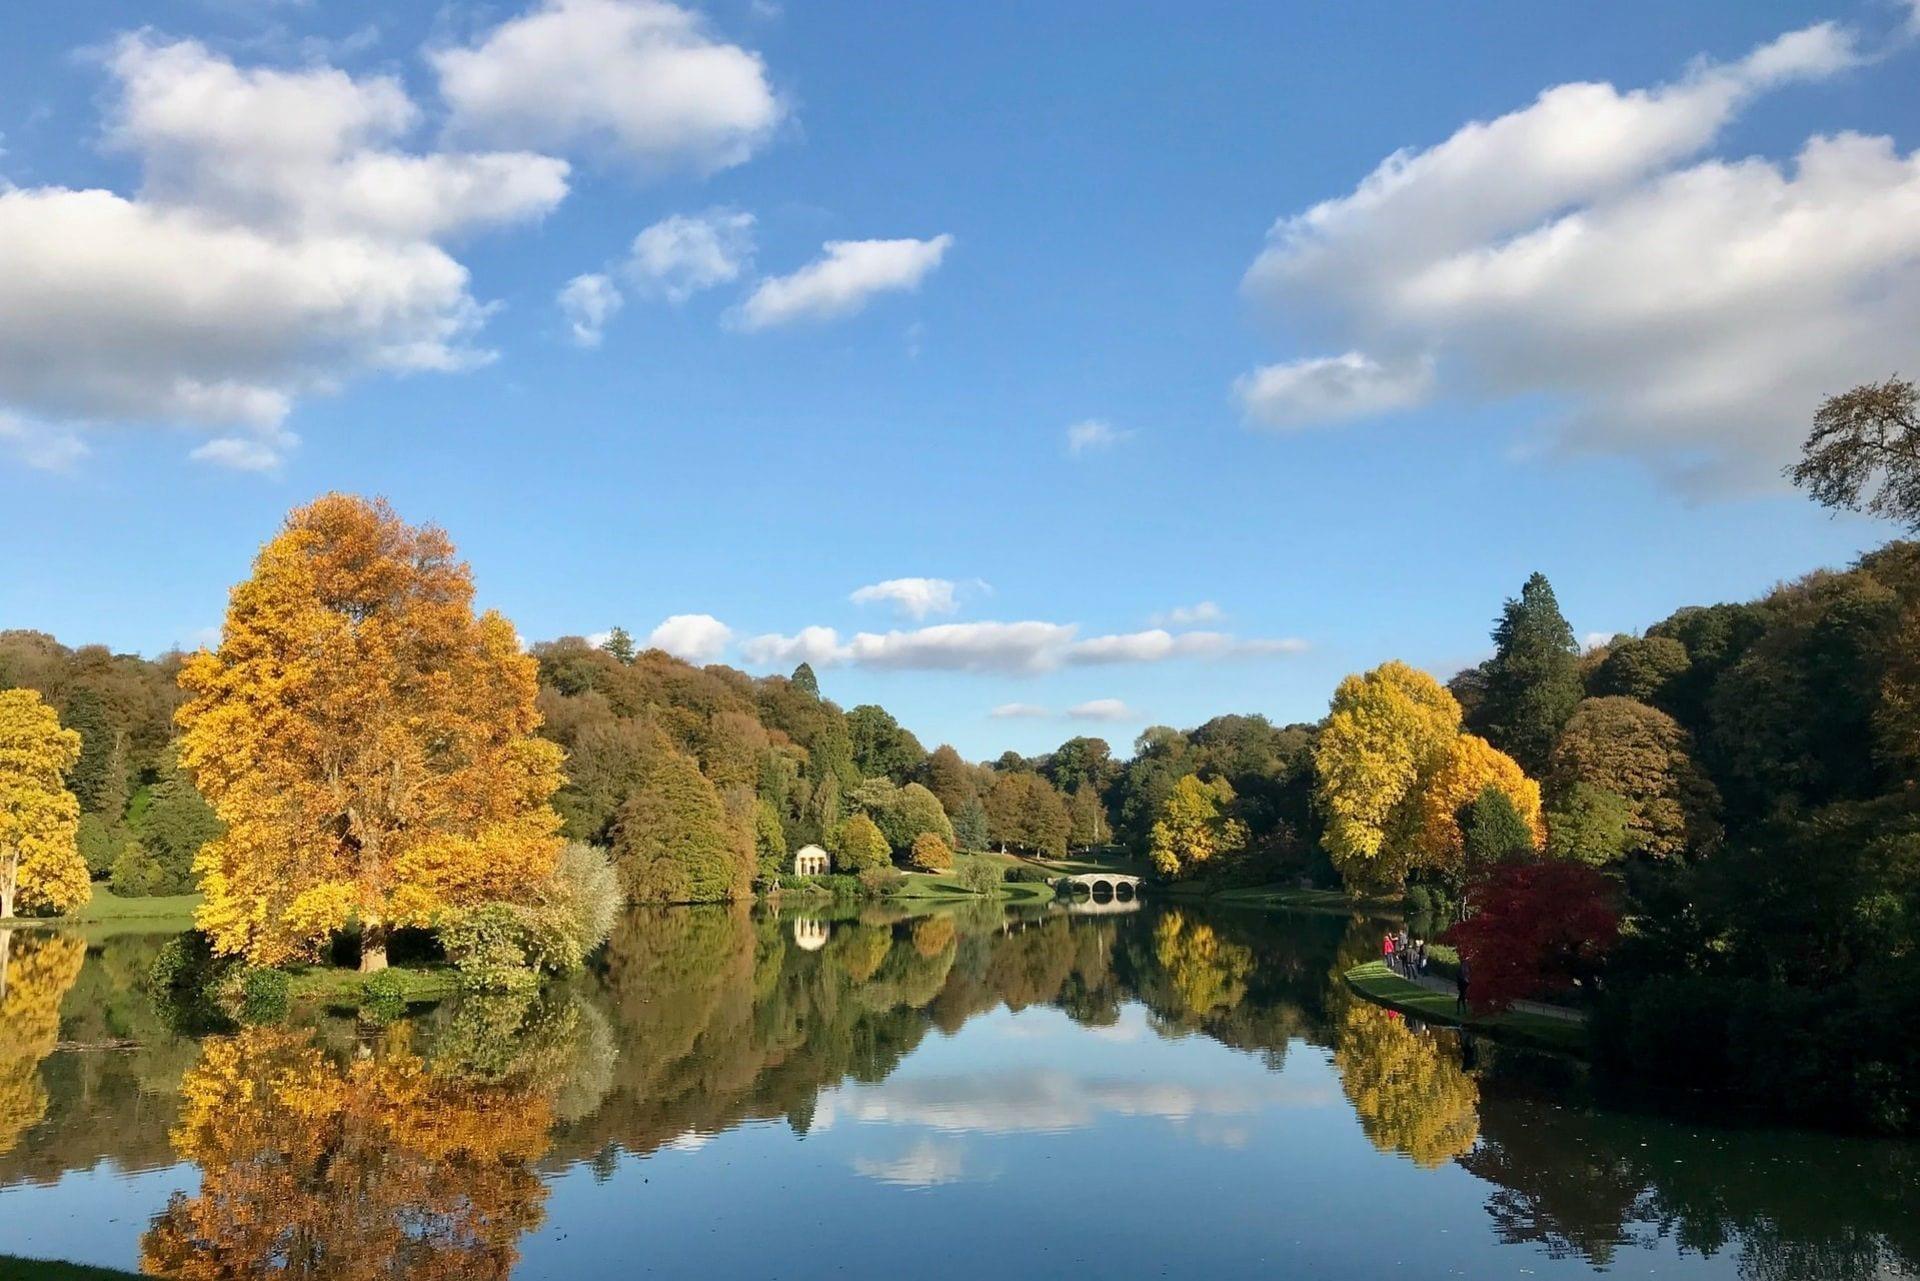 trees-around-lake-in-autumn-at-stourhead